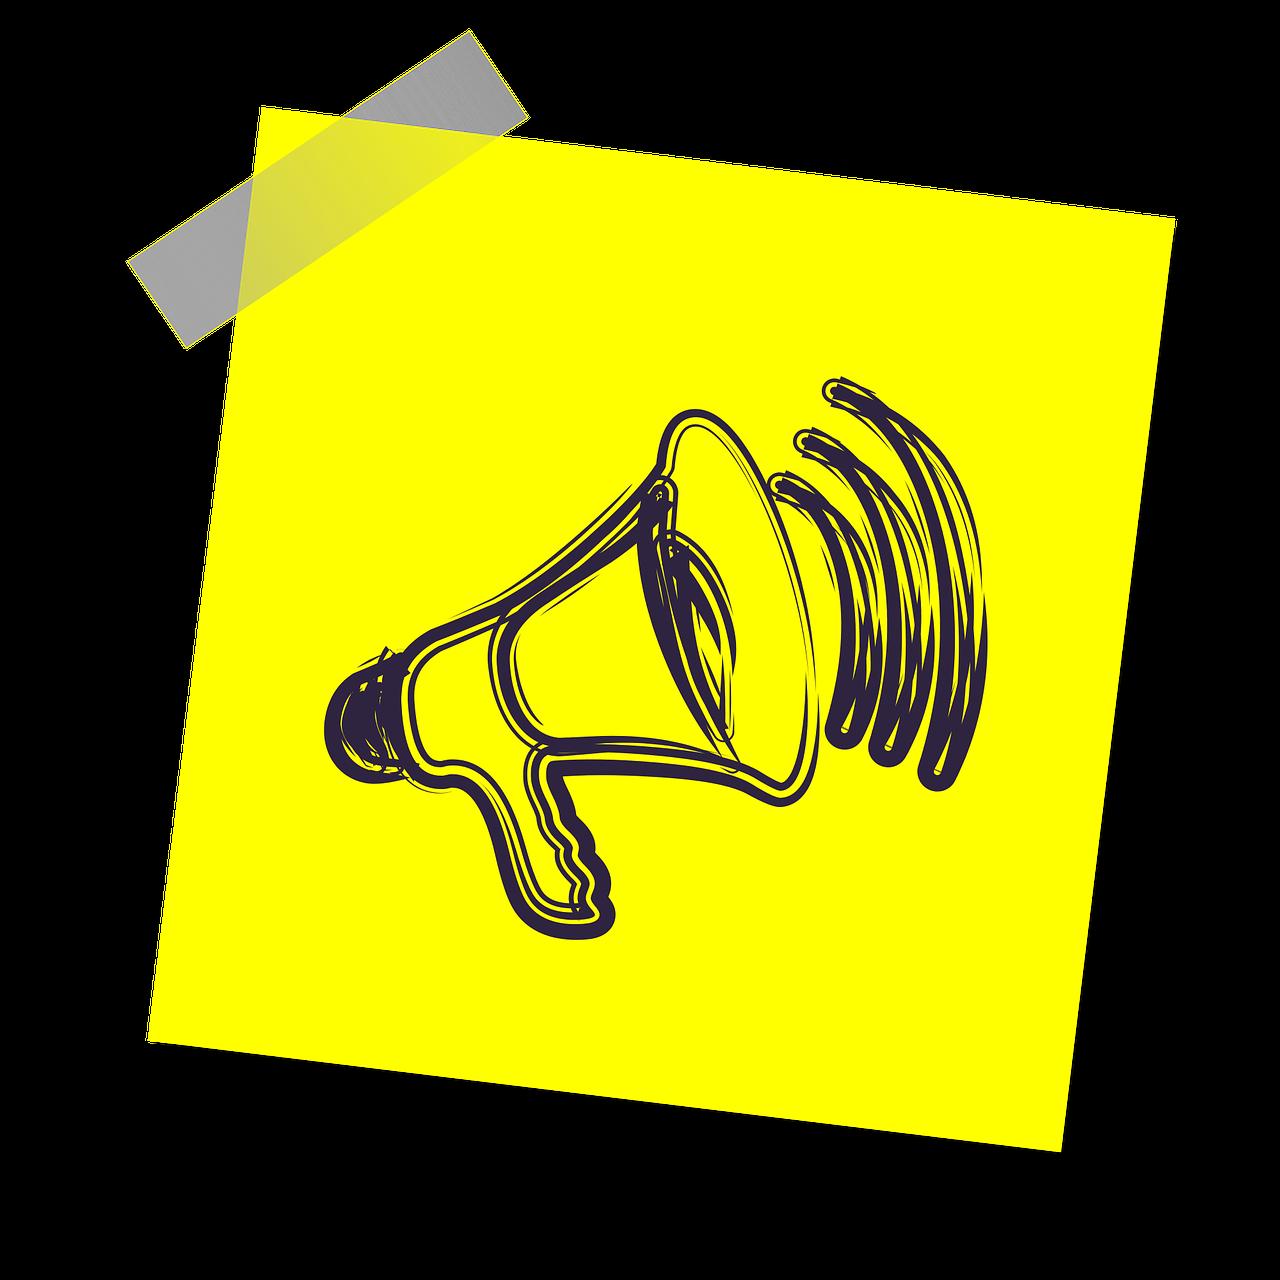 megaphone, voice, speaker